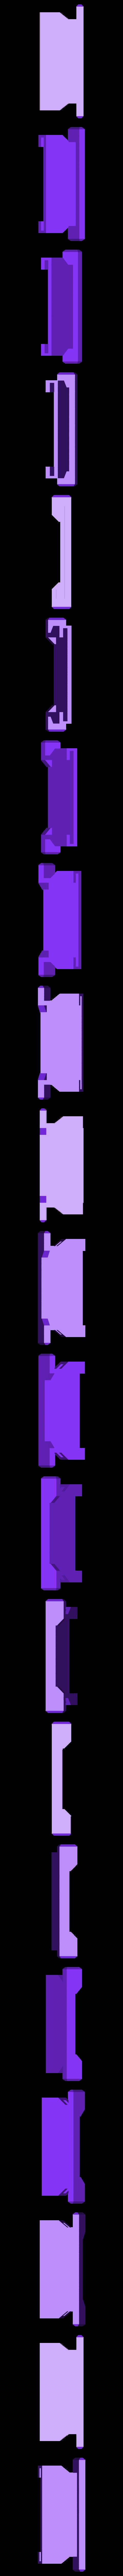 pi_holder.stl Download free STL file SMARS zero • 3D print template, Tuitxy